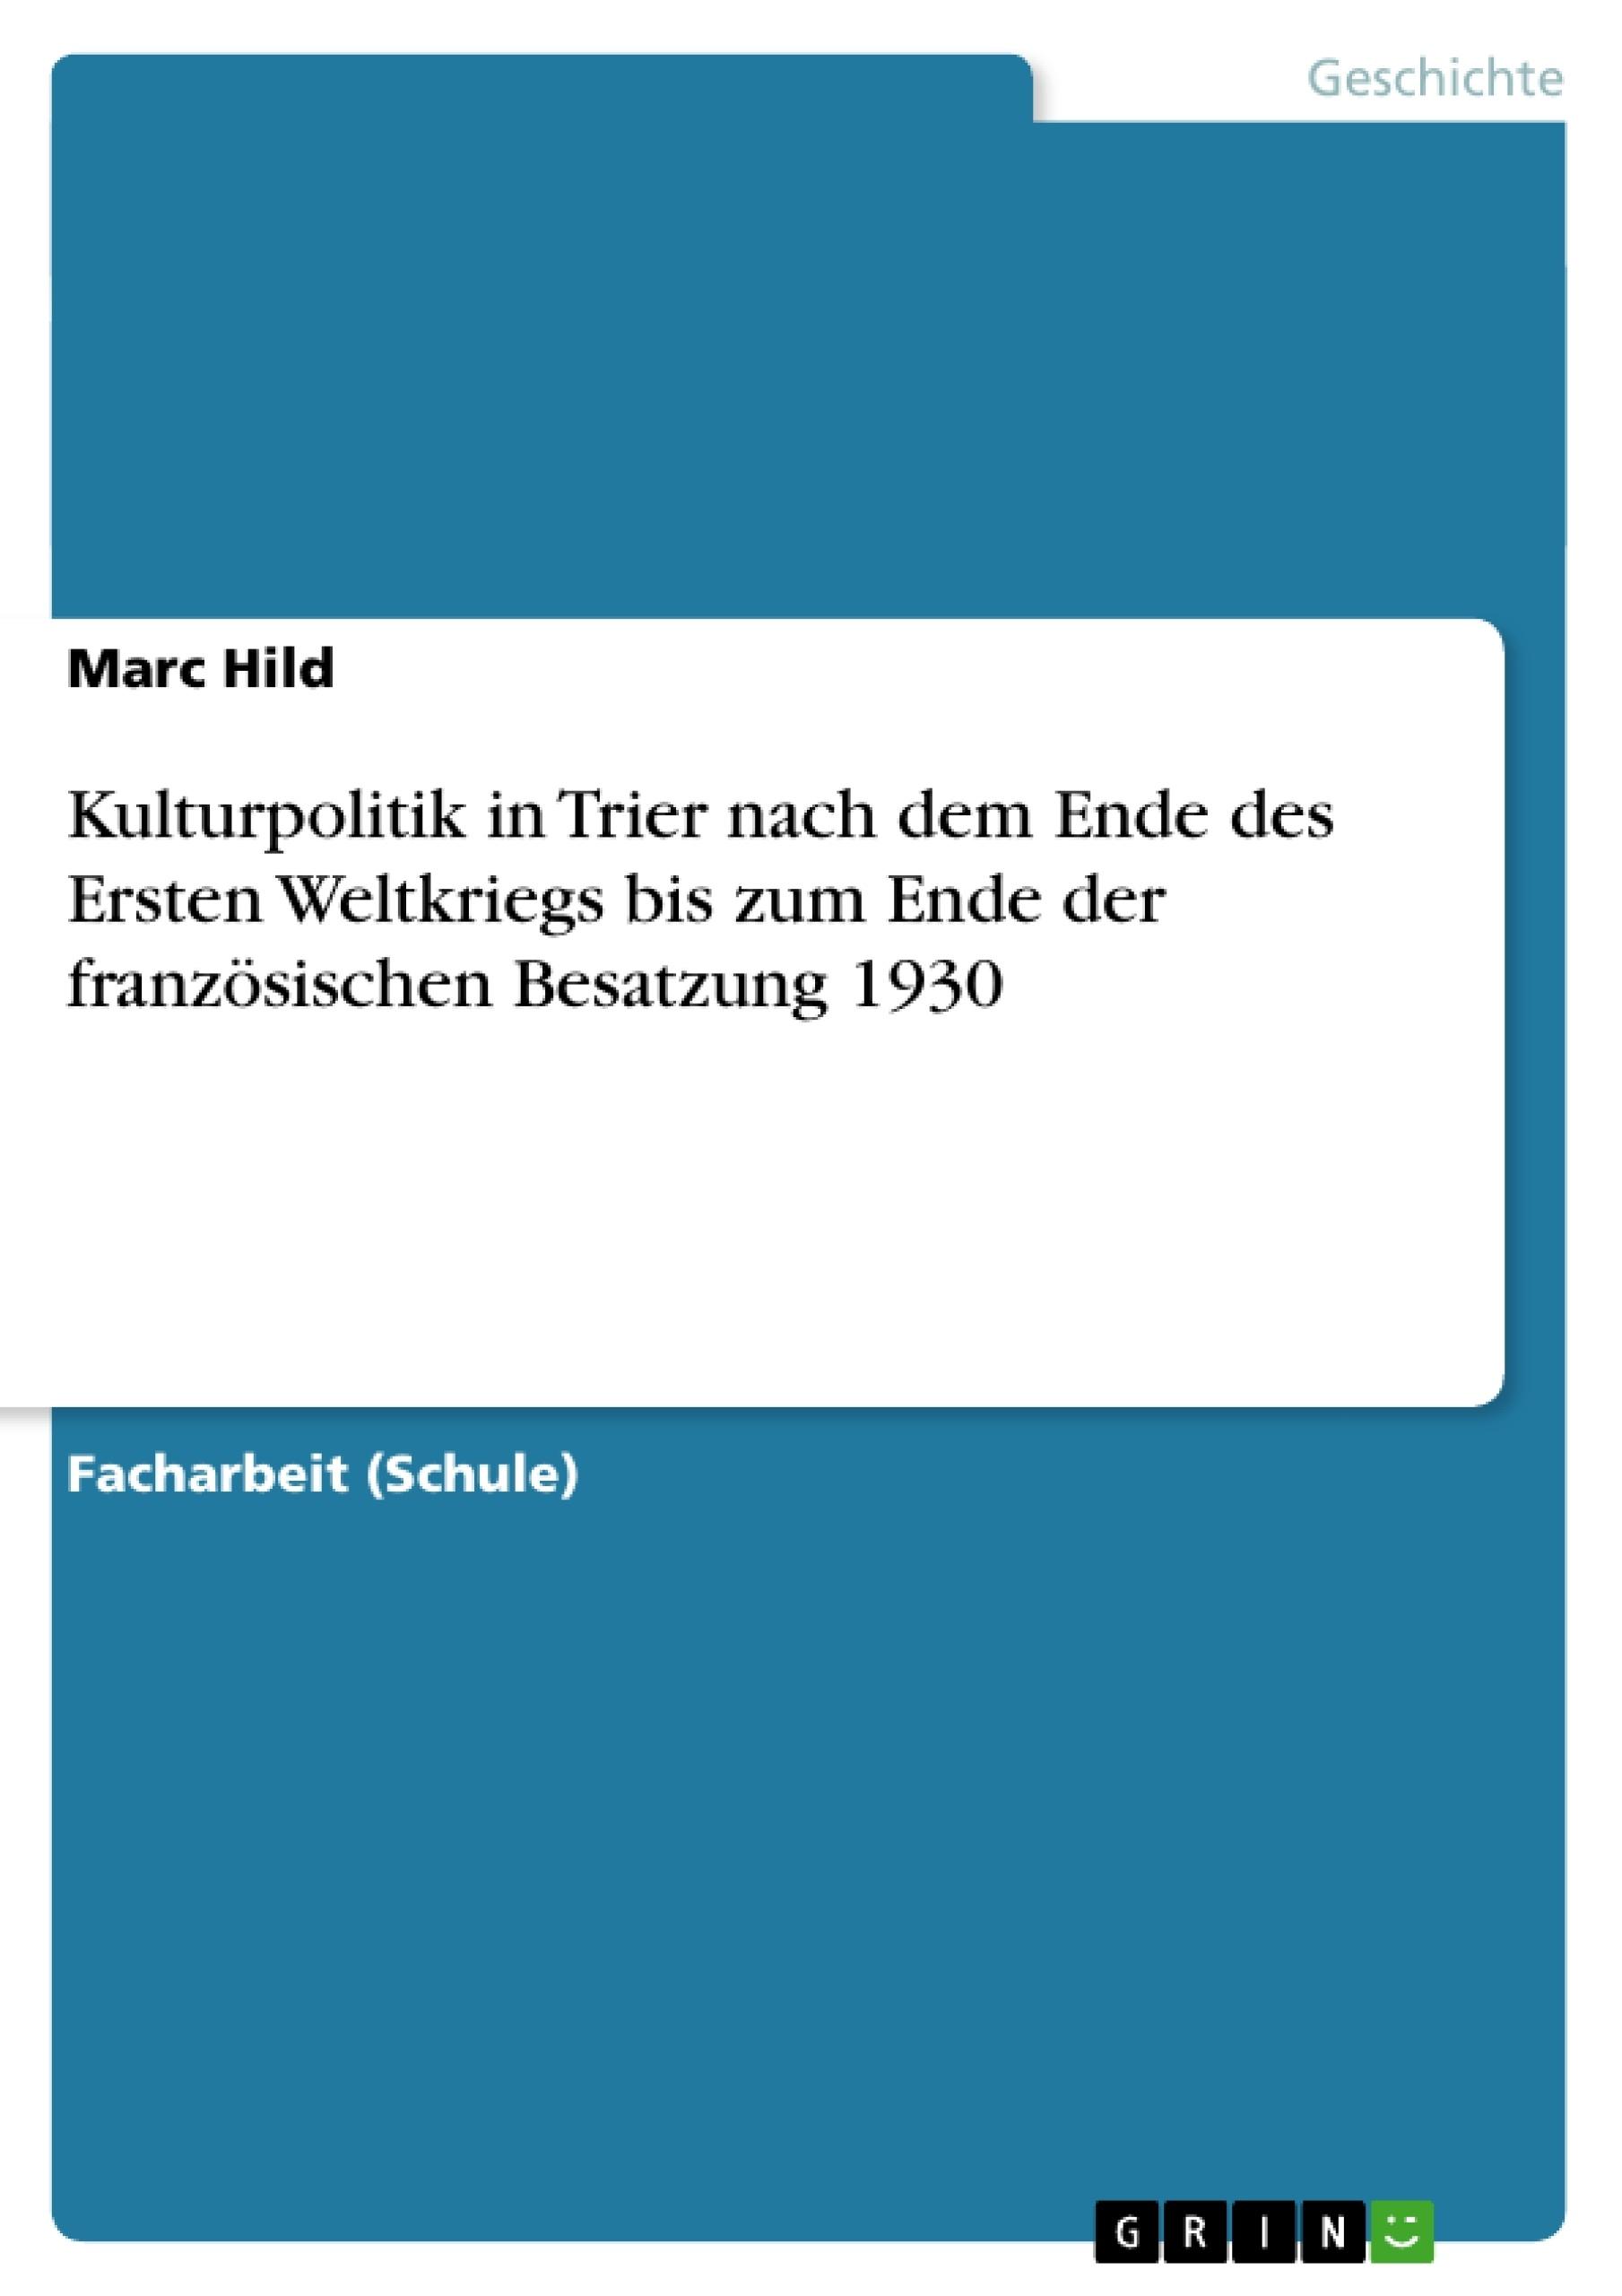 Titel: Kulturpolitik in Trier nach dem Ende des Ersten Weltkriegs bis zum Ende der französischen Besatzung 1930